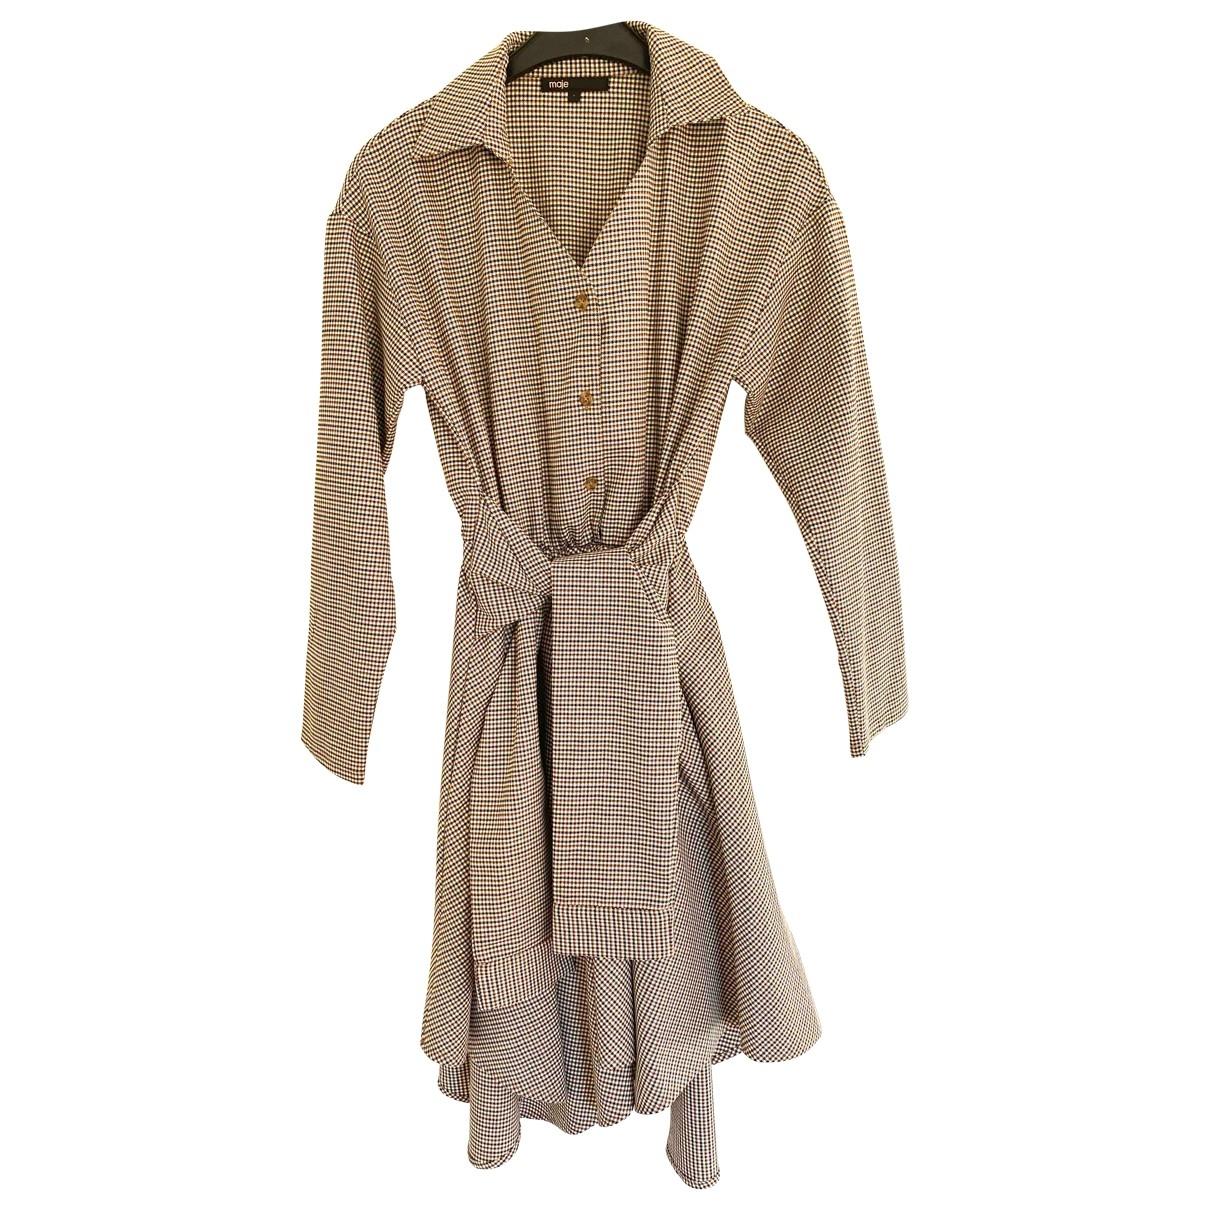 Maje \N Kleid in  Beige Baumwolle - Elasthan